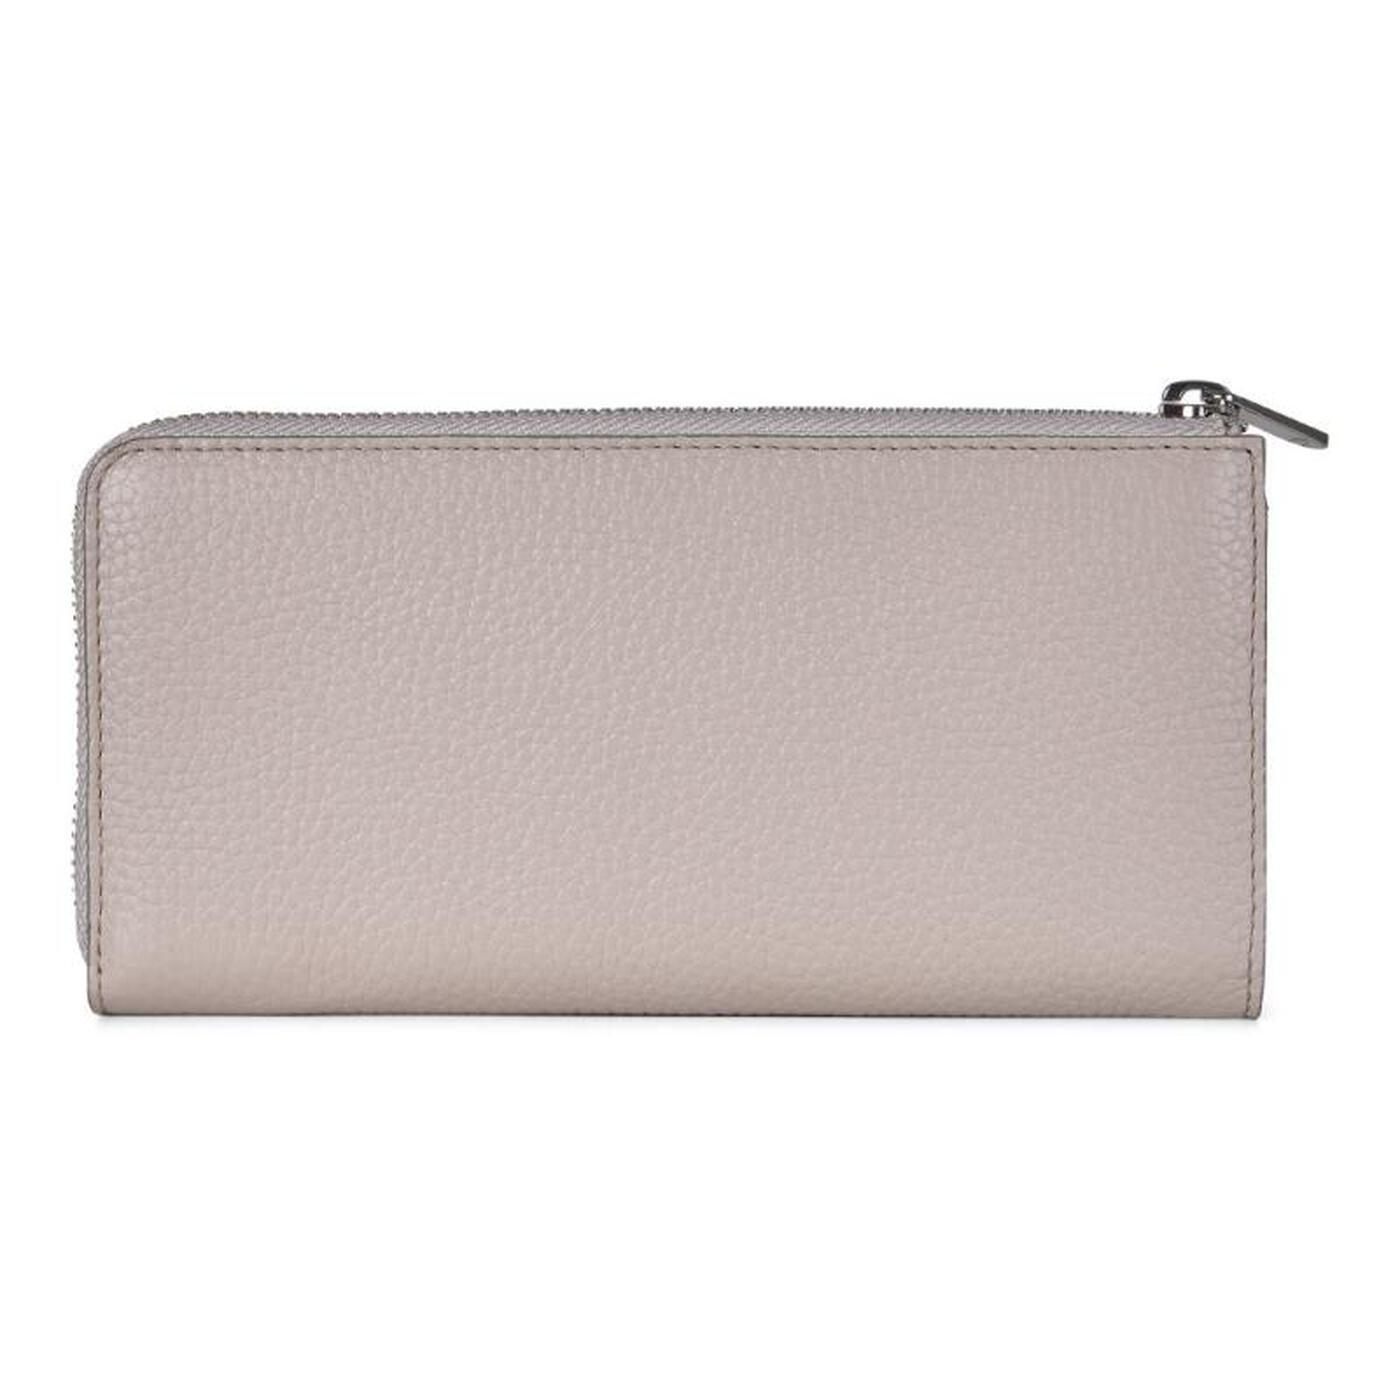 ECCO SP 3 Zip Around Wallet